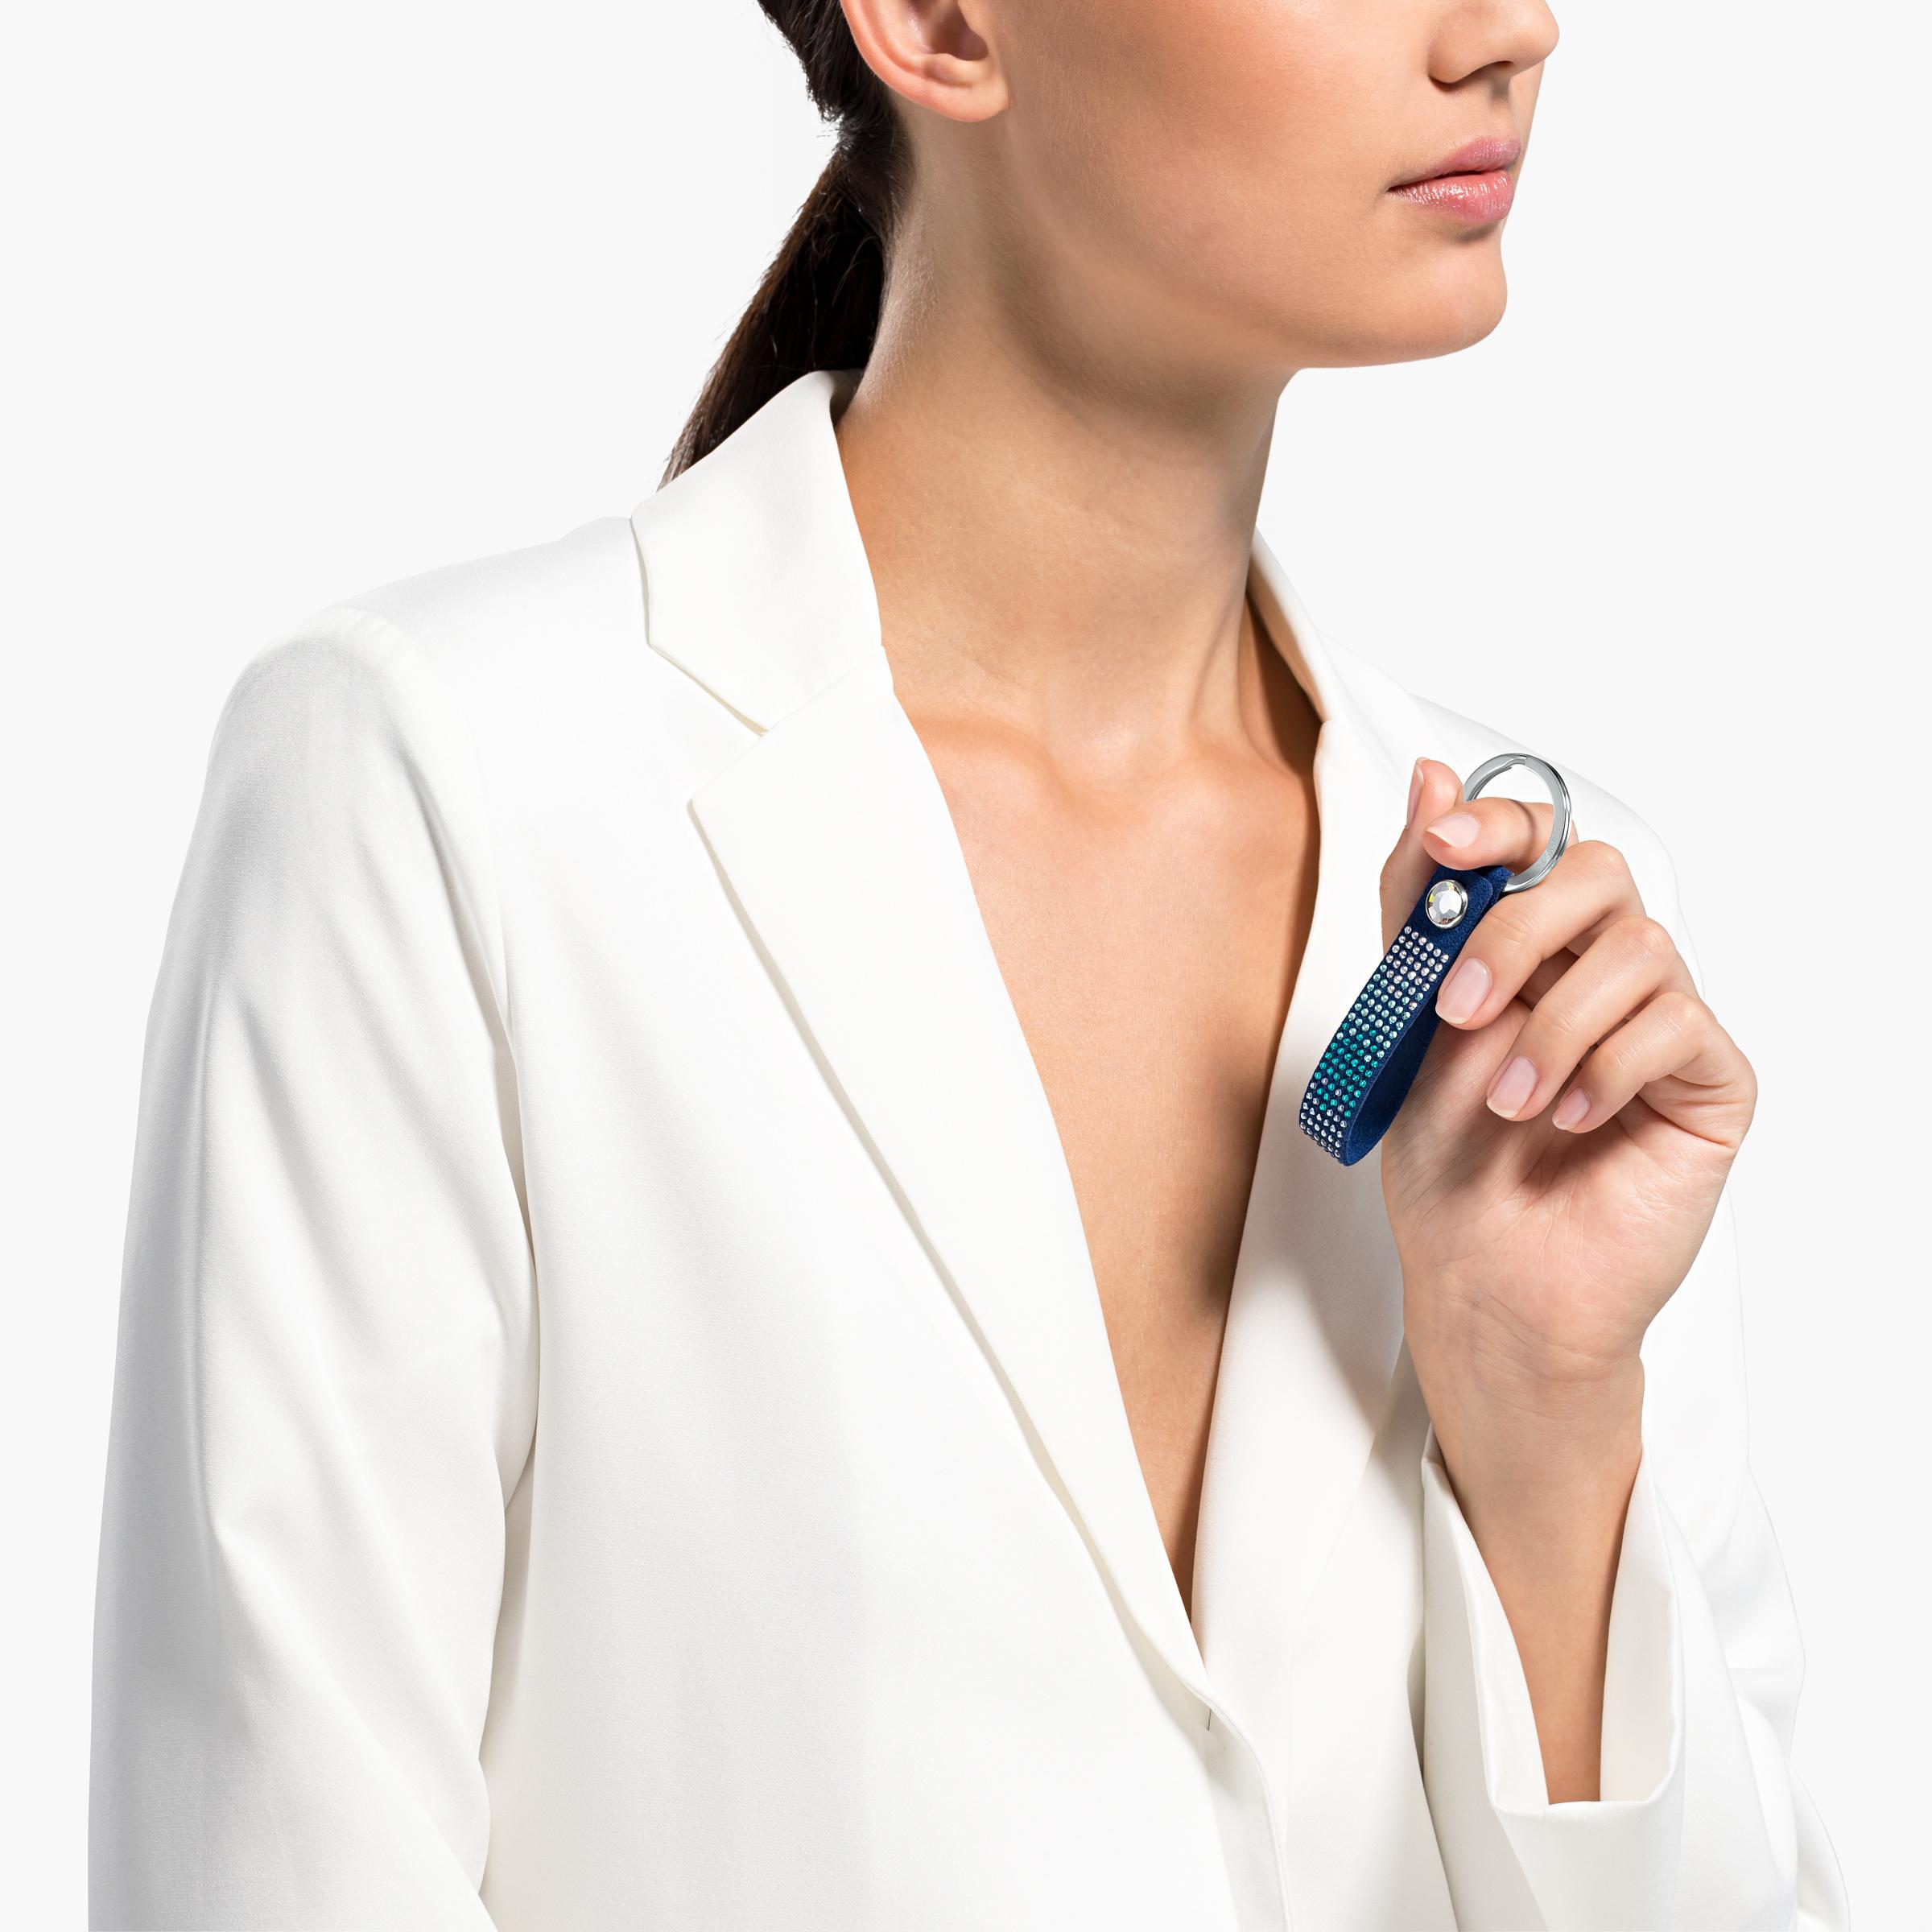 سلسلة مفاتيح الذكرى السنوية، زرقاء اللون، مصنوعة من الإستانليس ستيل